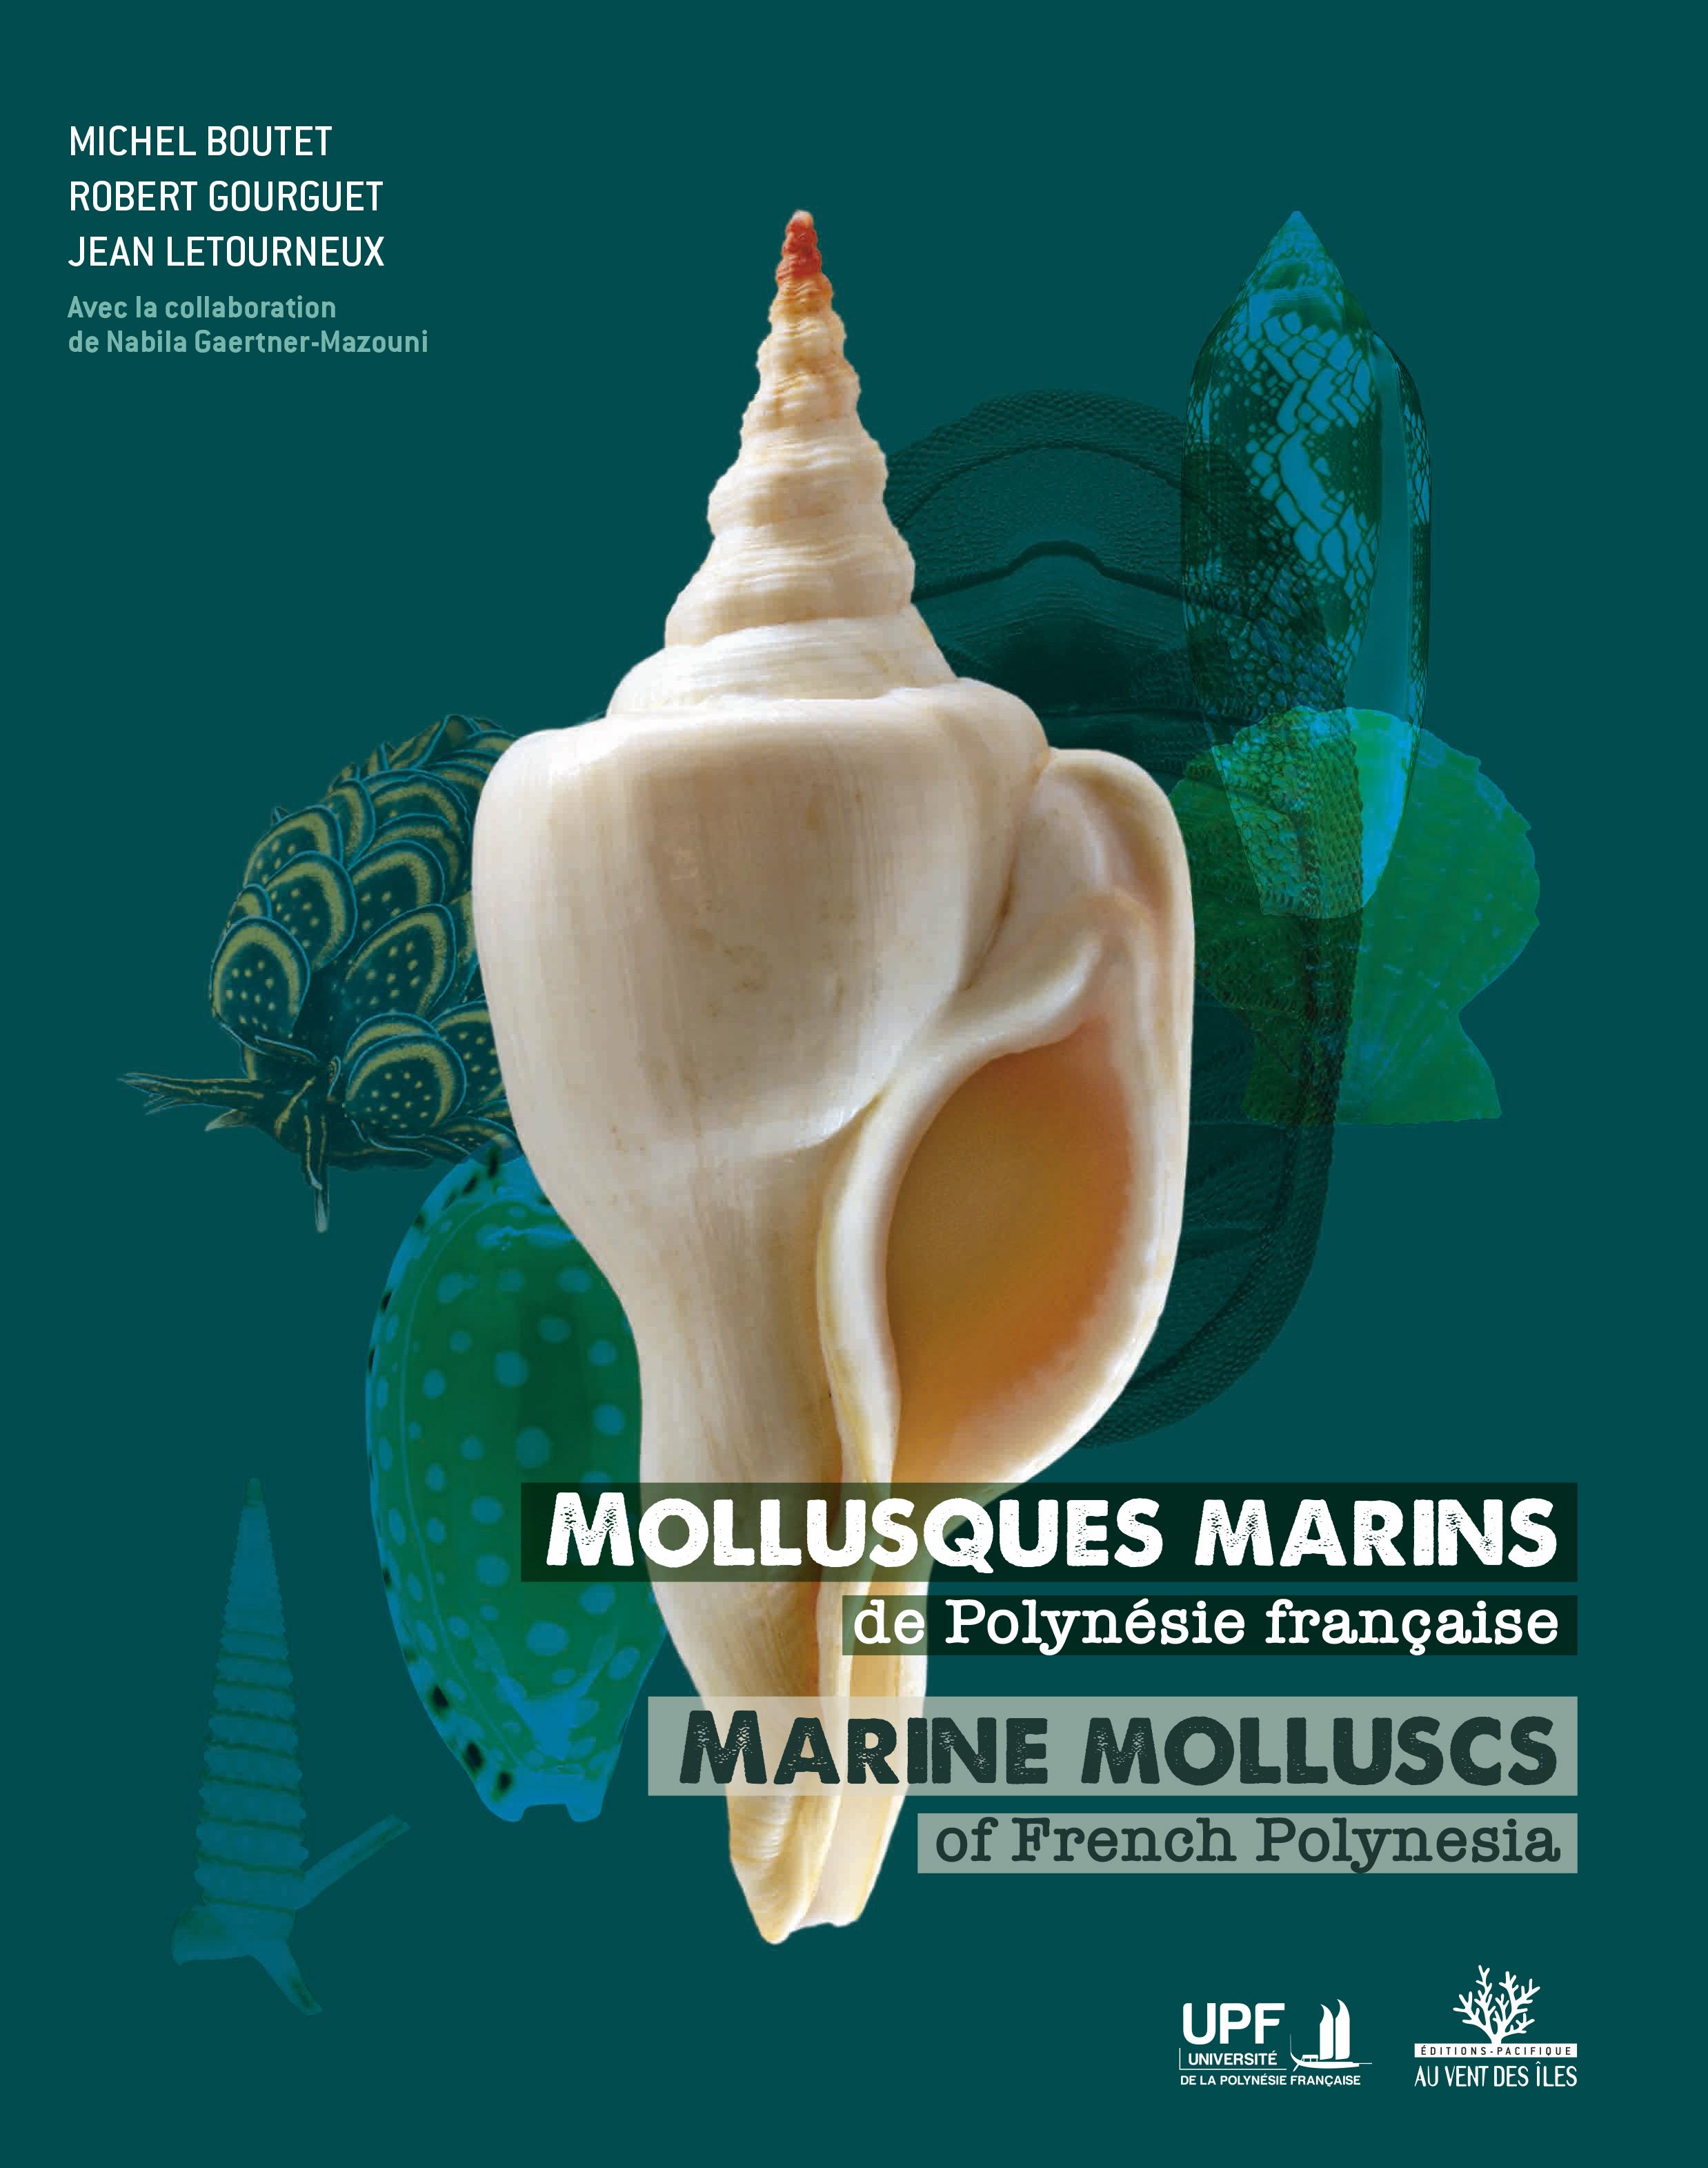 Mollusques : Un trésor polynésien